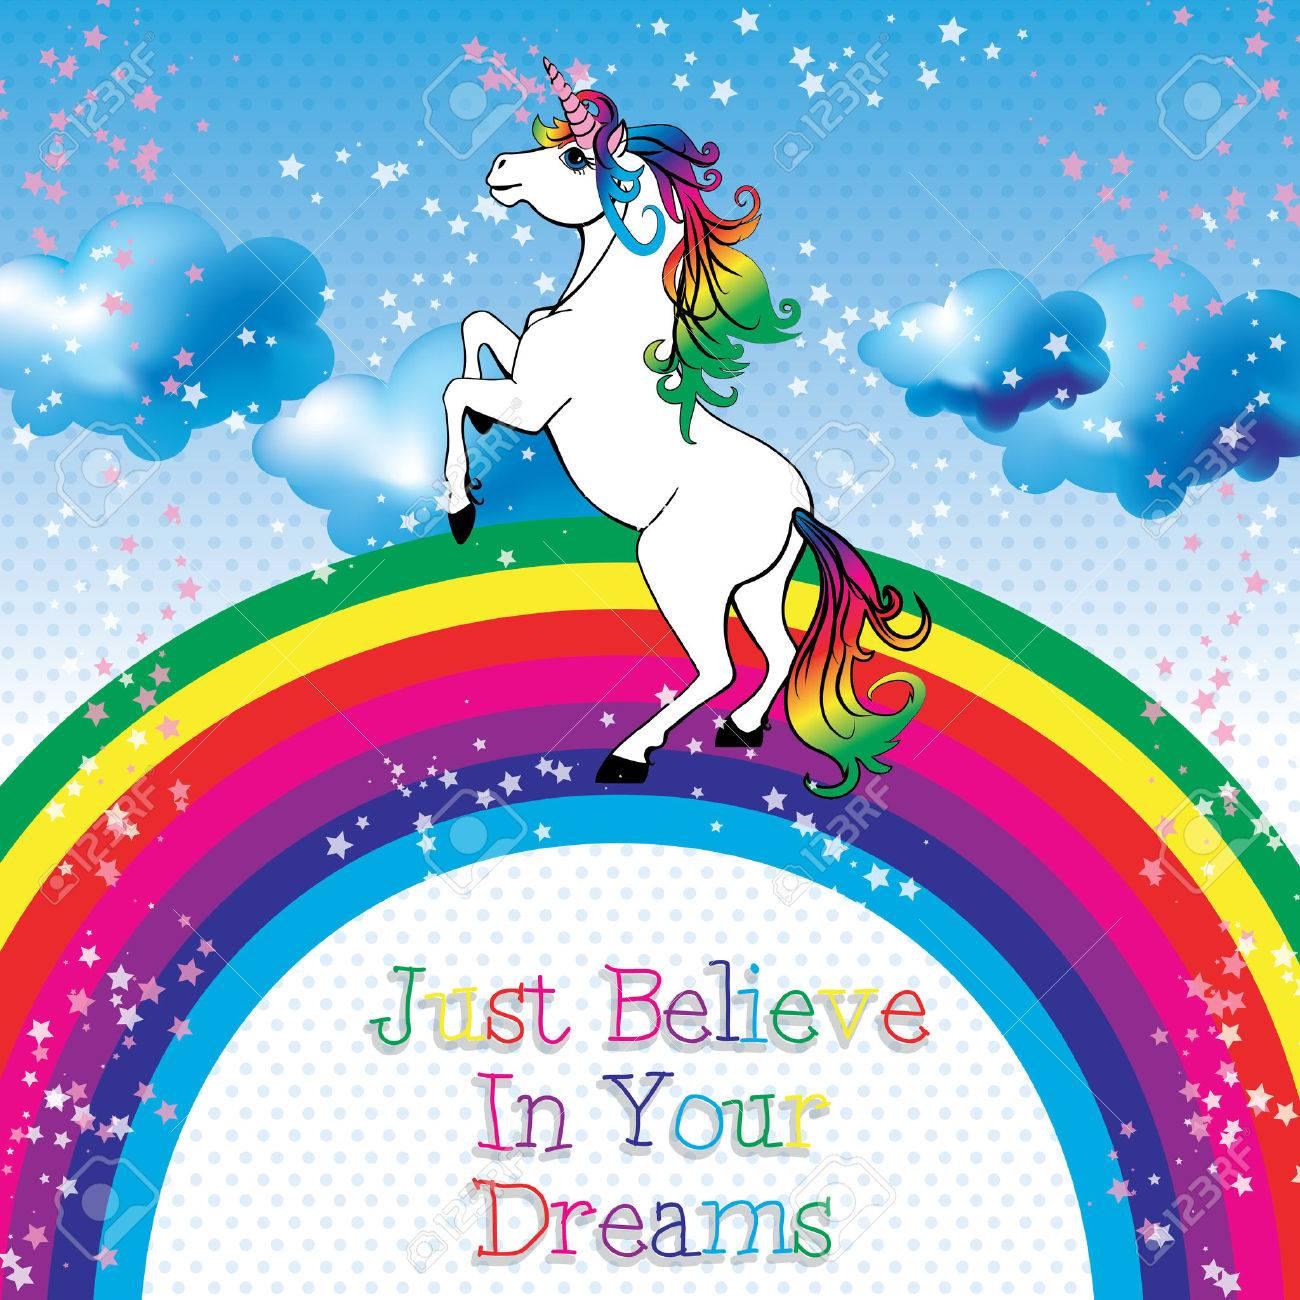 ユニコーンを信じる夢ベクトルのイラスト素材ベクタ Image 50984422